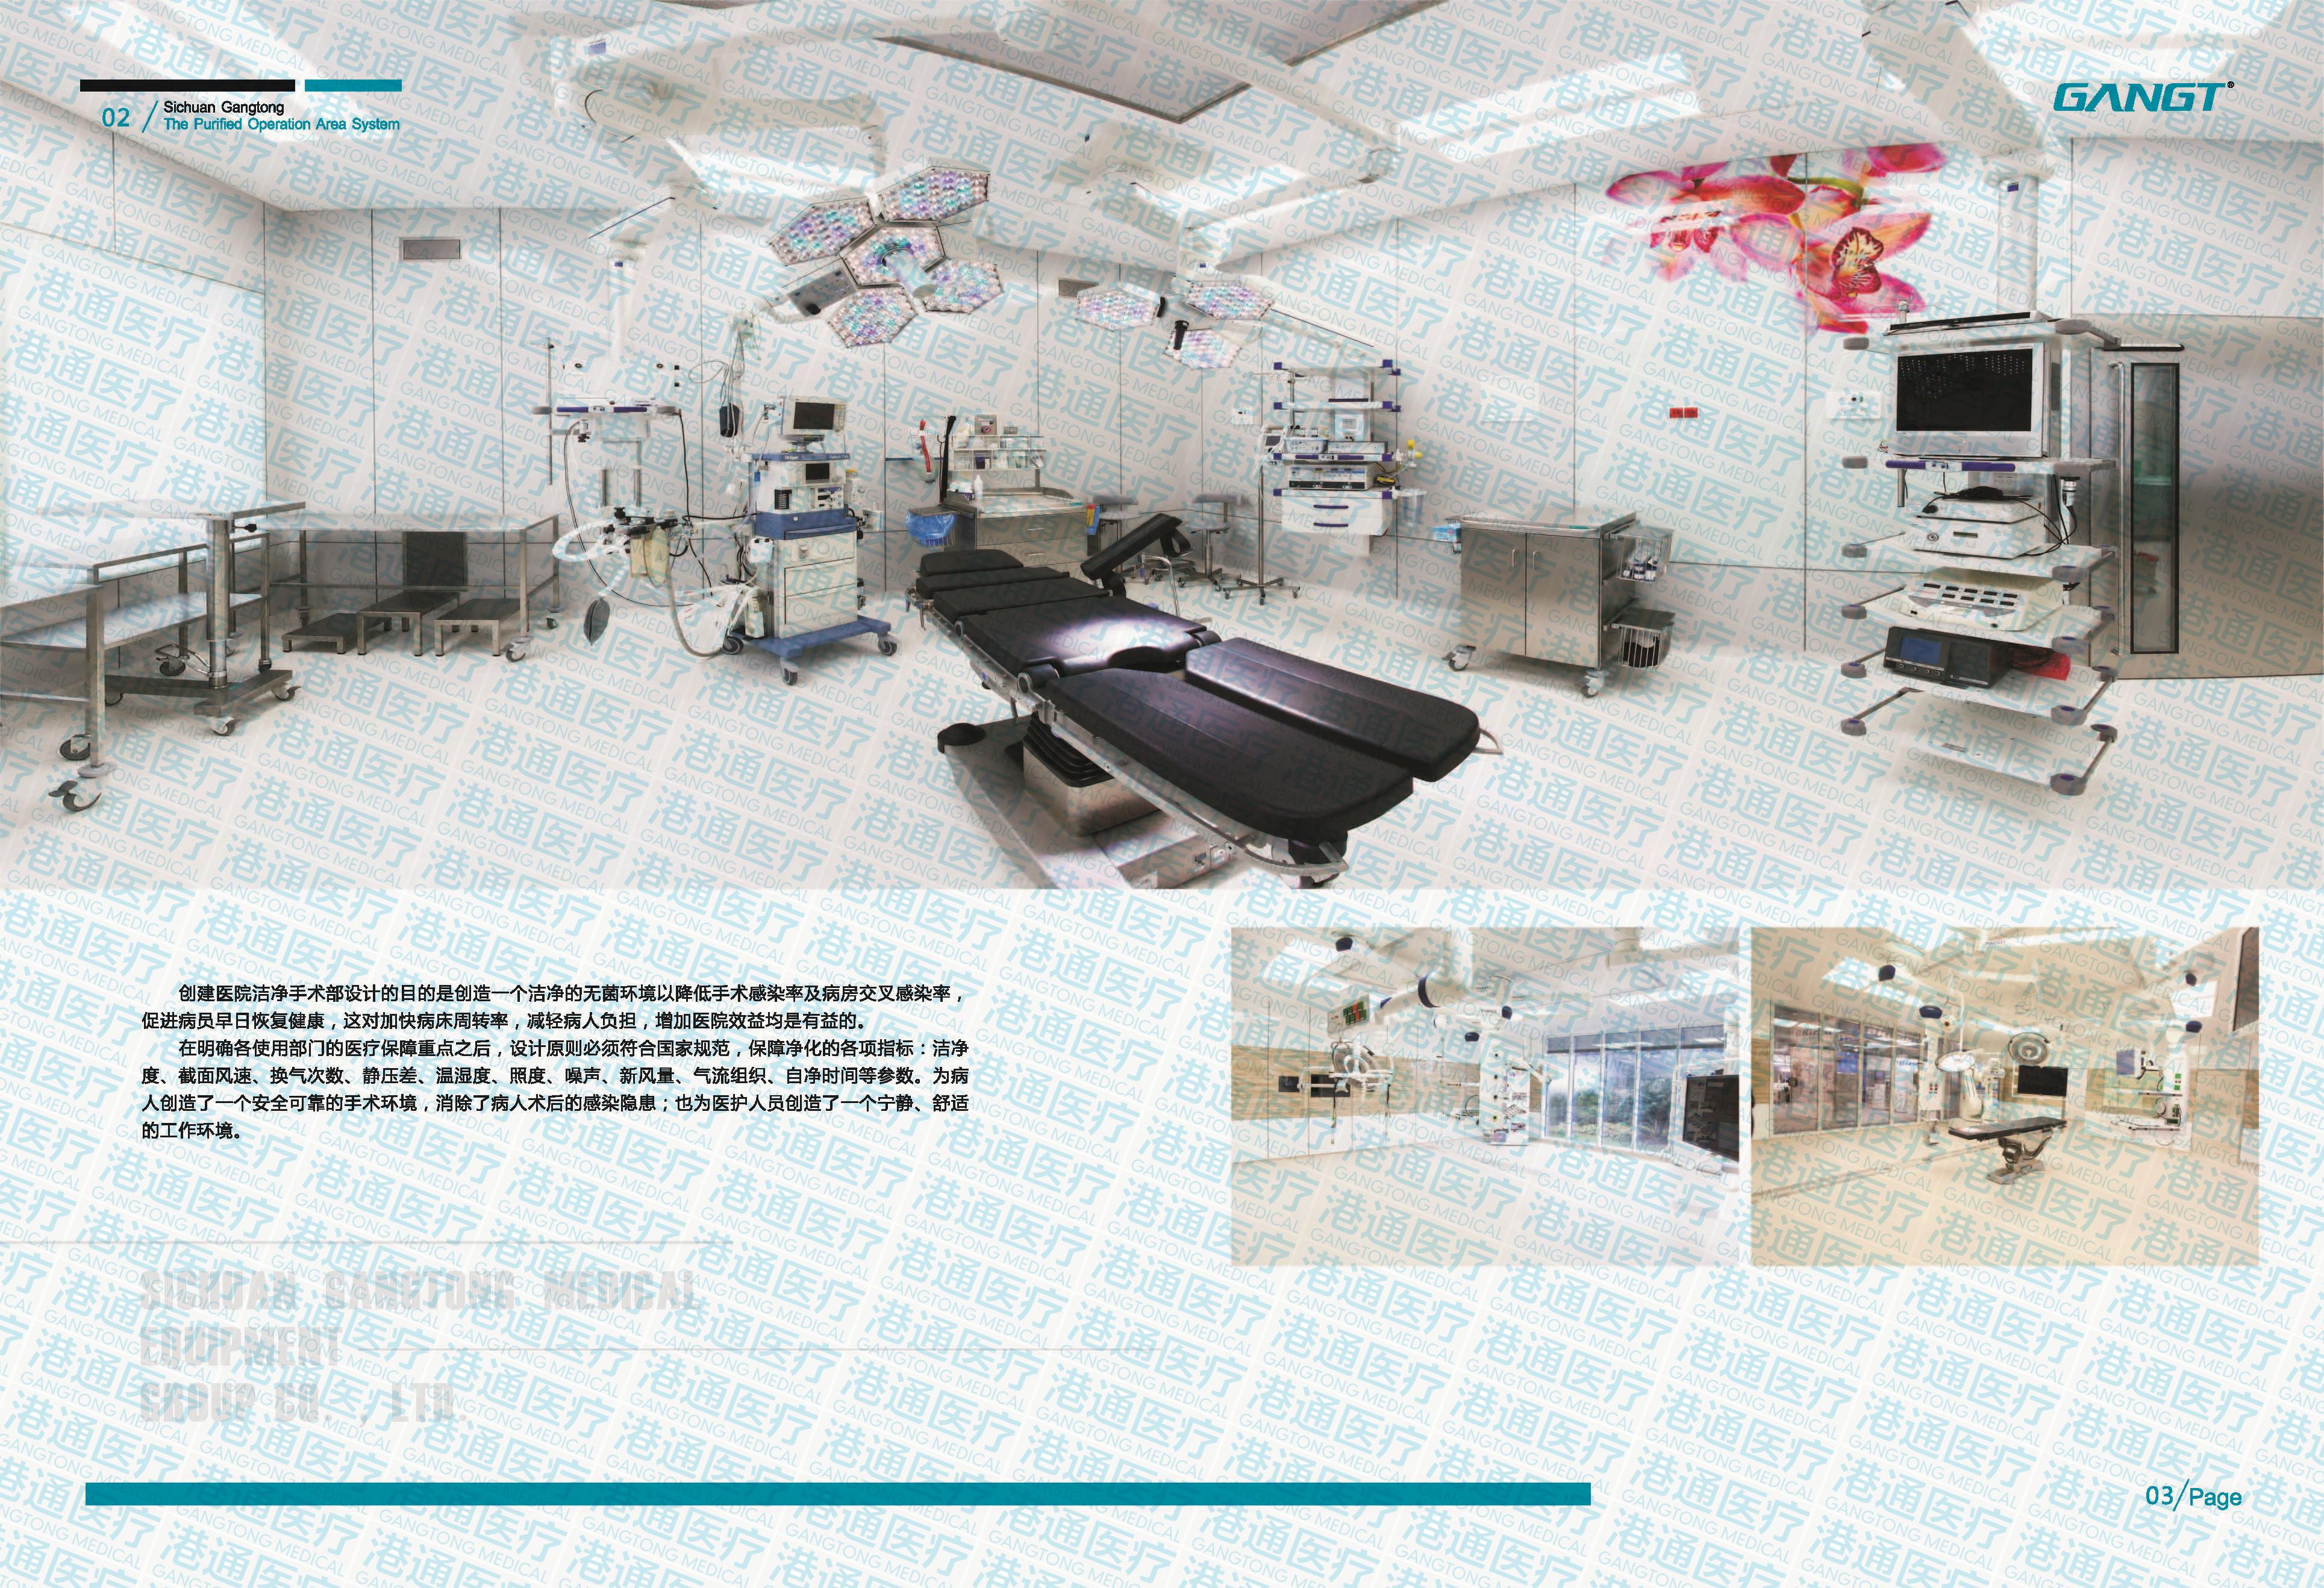 医院洁净手术部系统